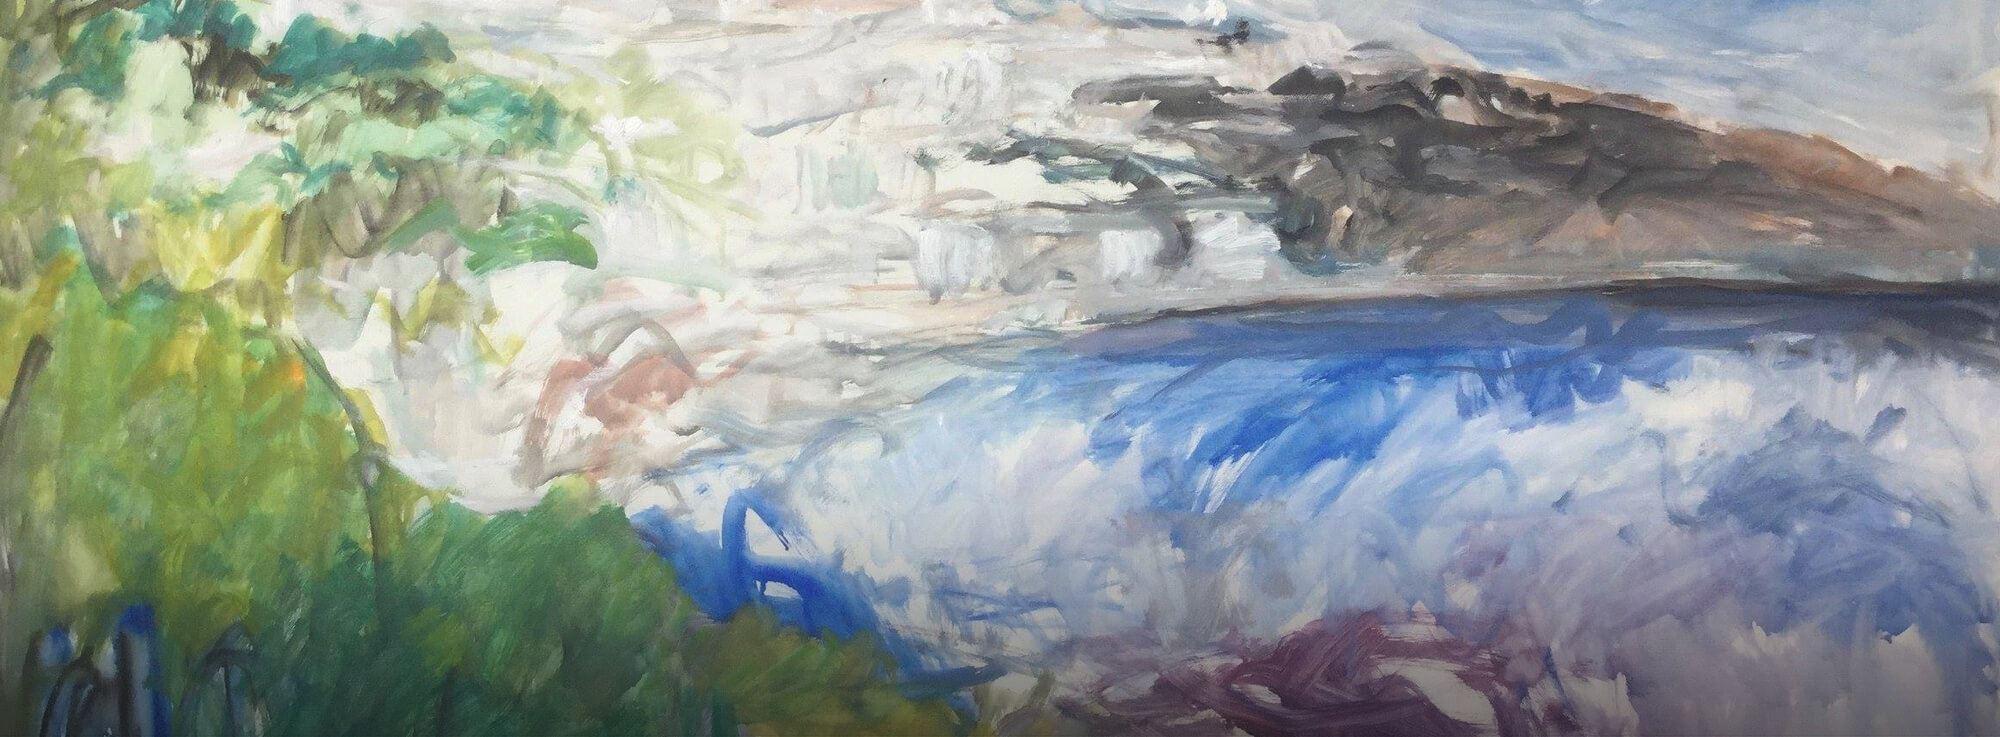 Specchia: Dialoghi con il paesaggio